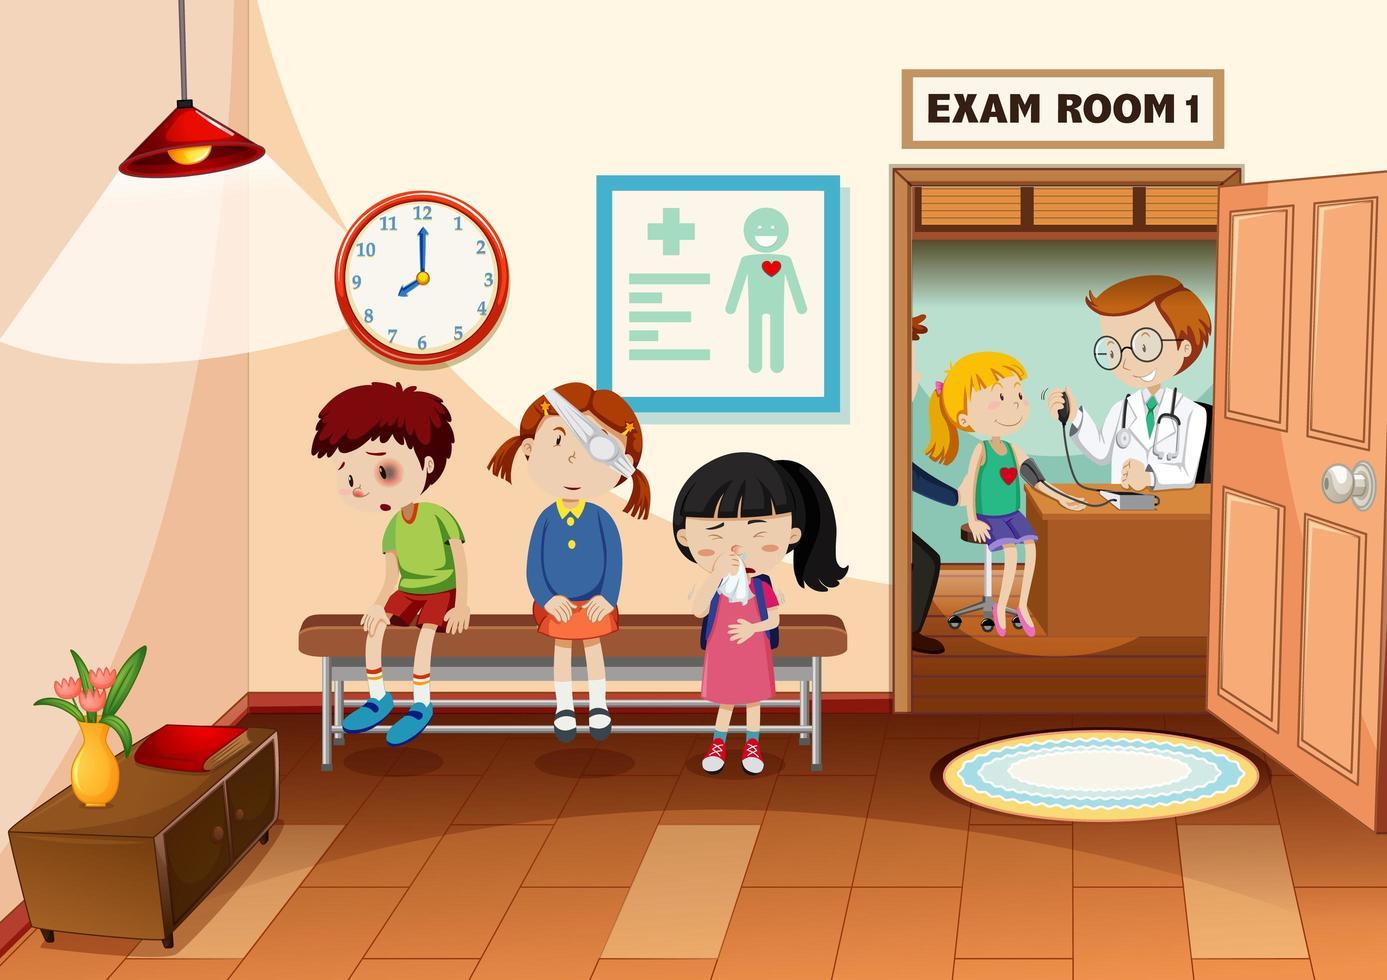 enfant à l'hôpital avec une scène de médecin vecteur